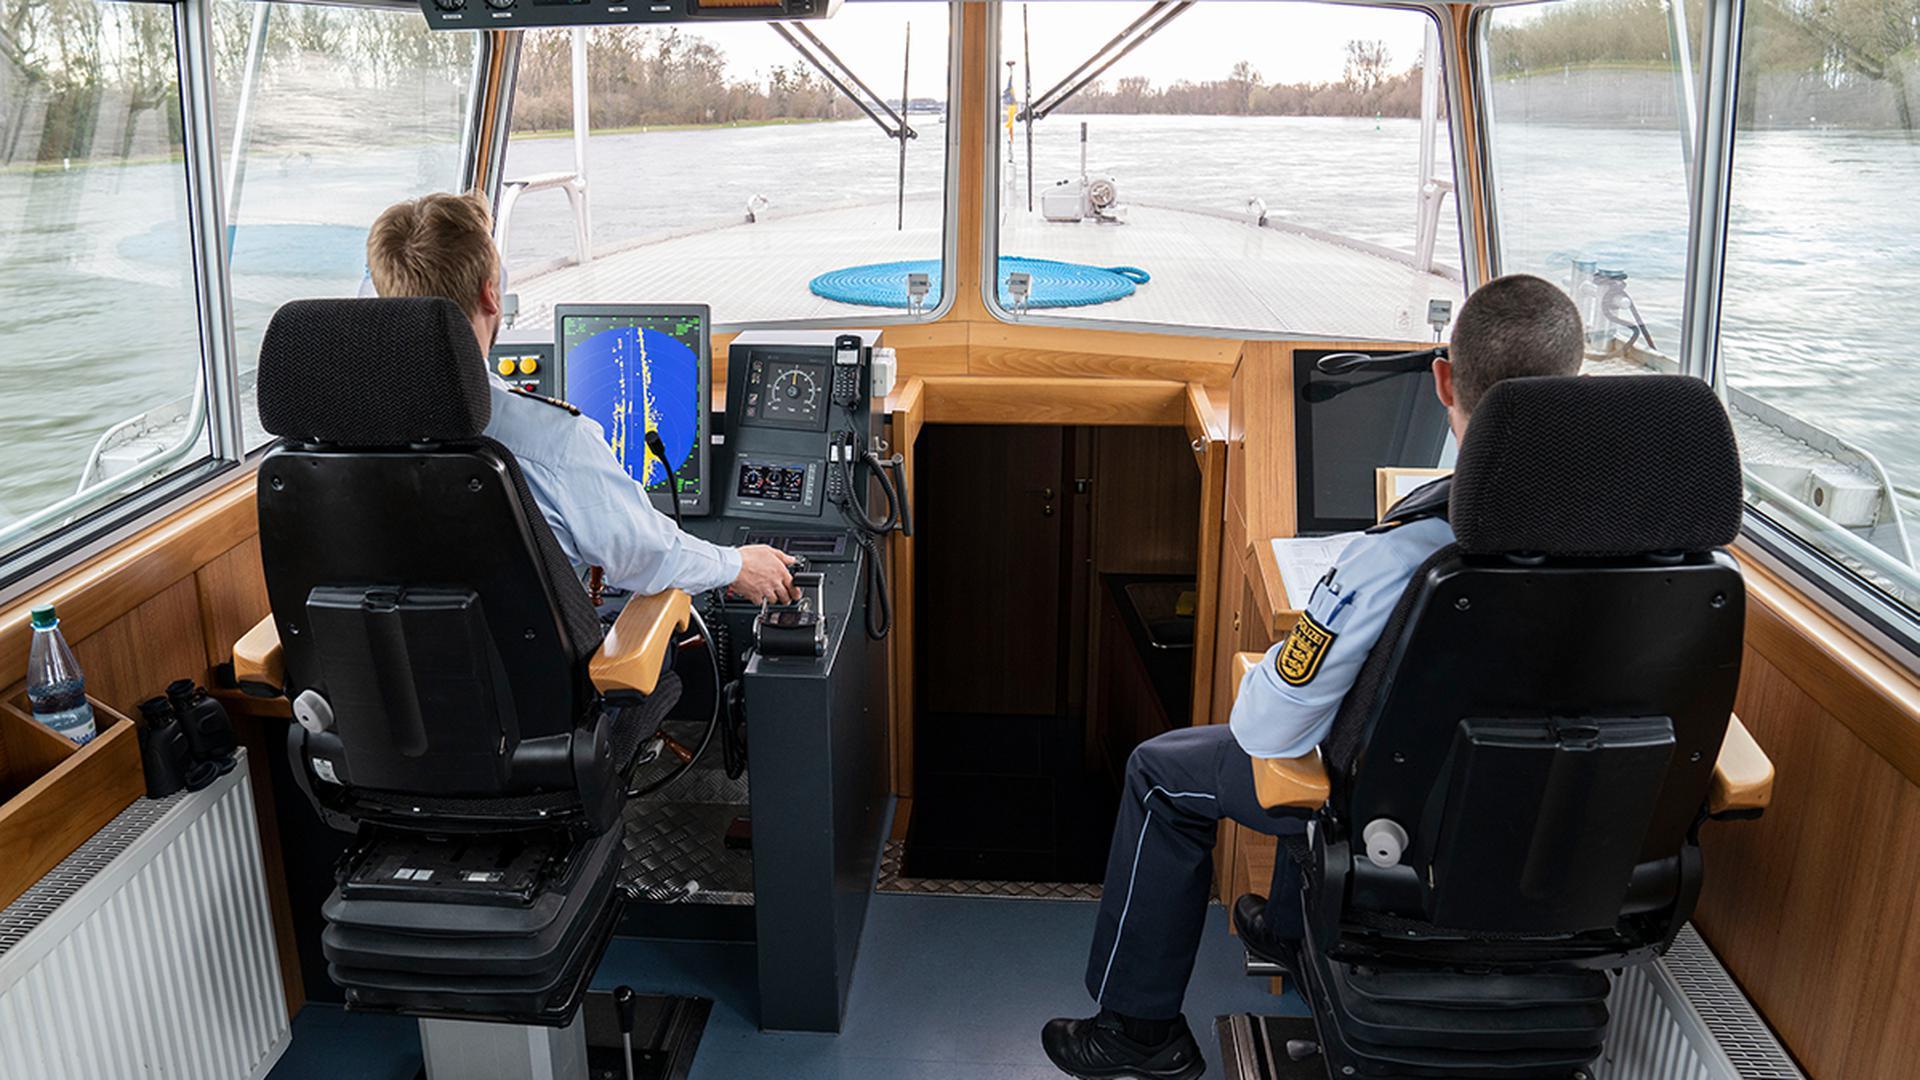 Auf dem Radar: Zur täglichen Arbeit von Andreas Stein (links) und Thomas Weisenhorn gehört es bei der Wasserschutzpolizeistation Karlsruhe, den Rhein als befahrene Schifffahrtsstraße im Blick zu behalten.